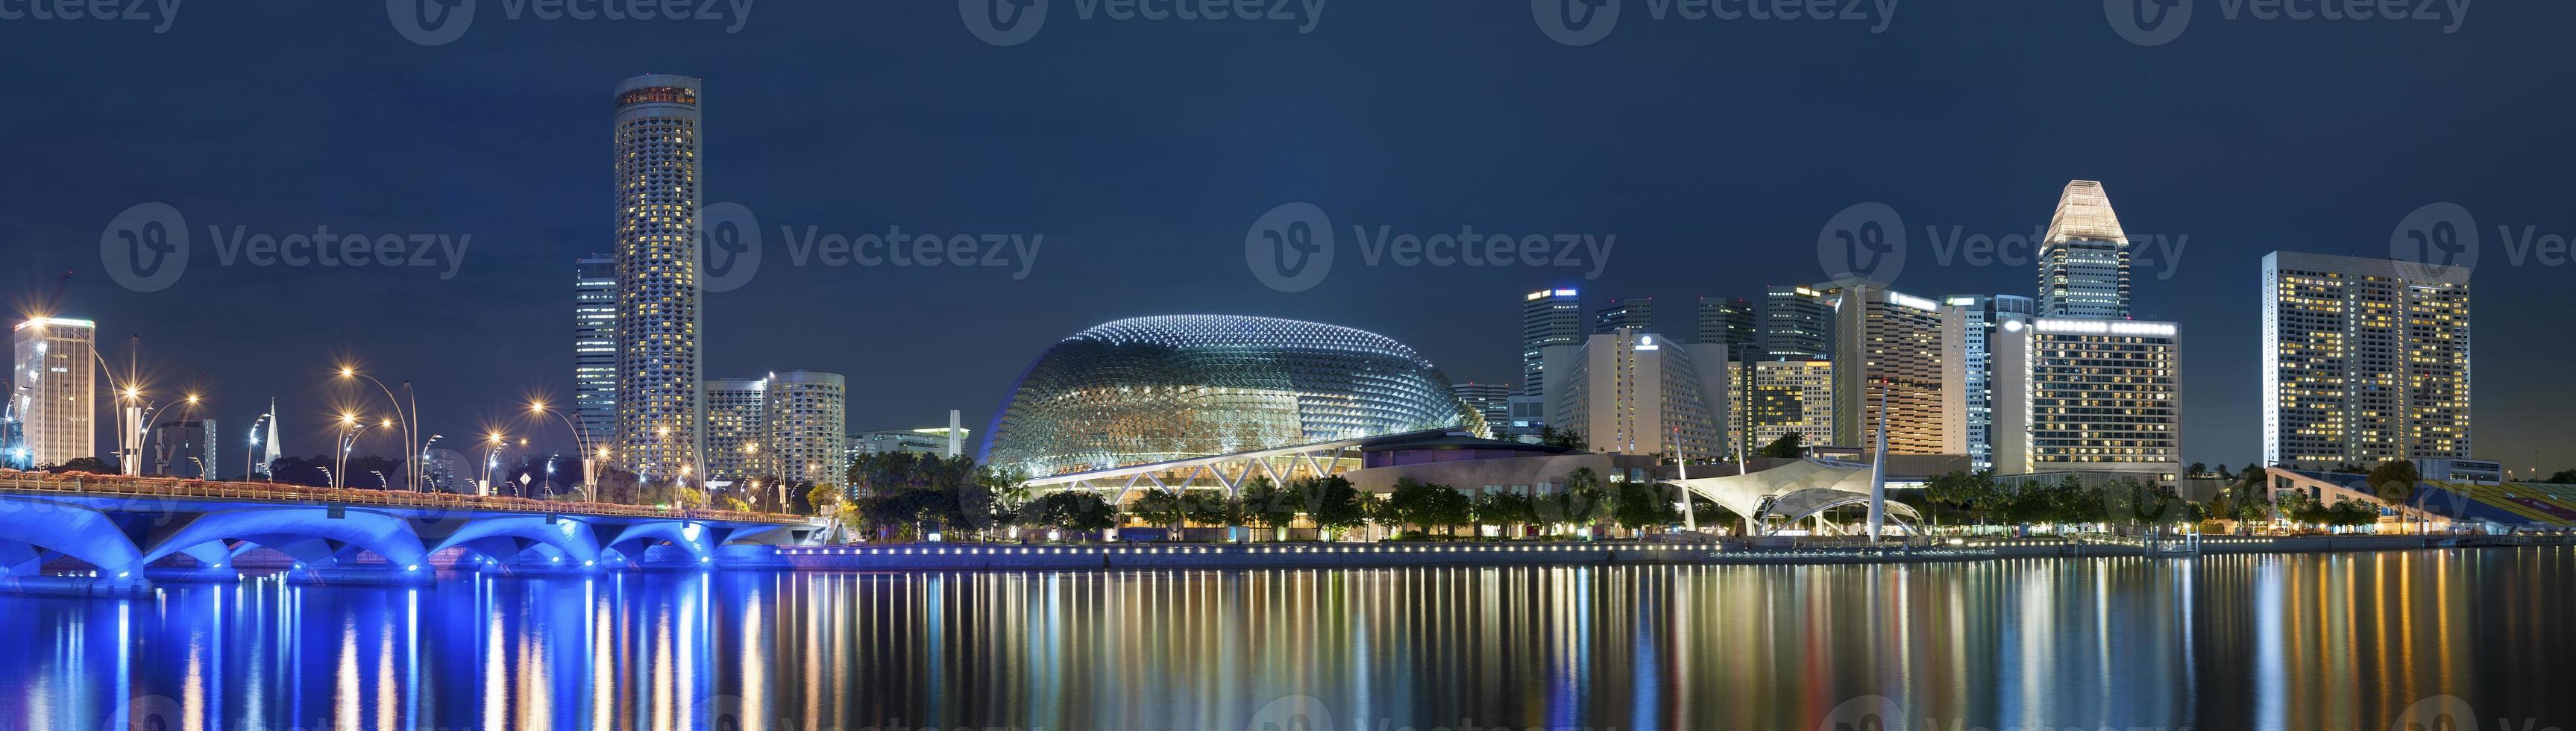 paesaggio urbano di Singapore foto